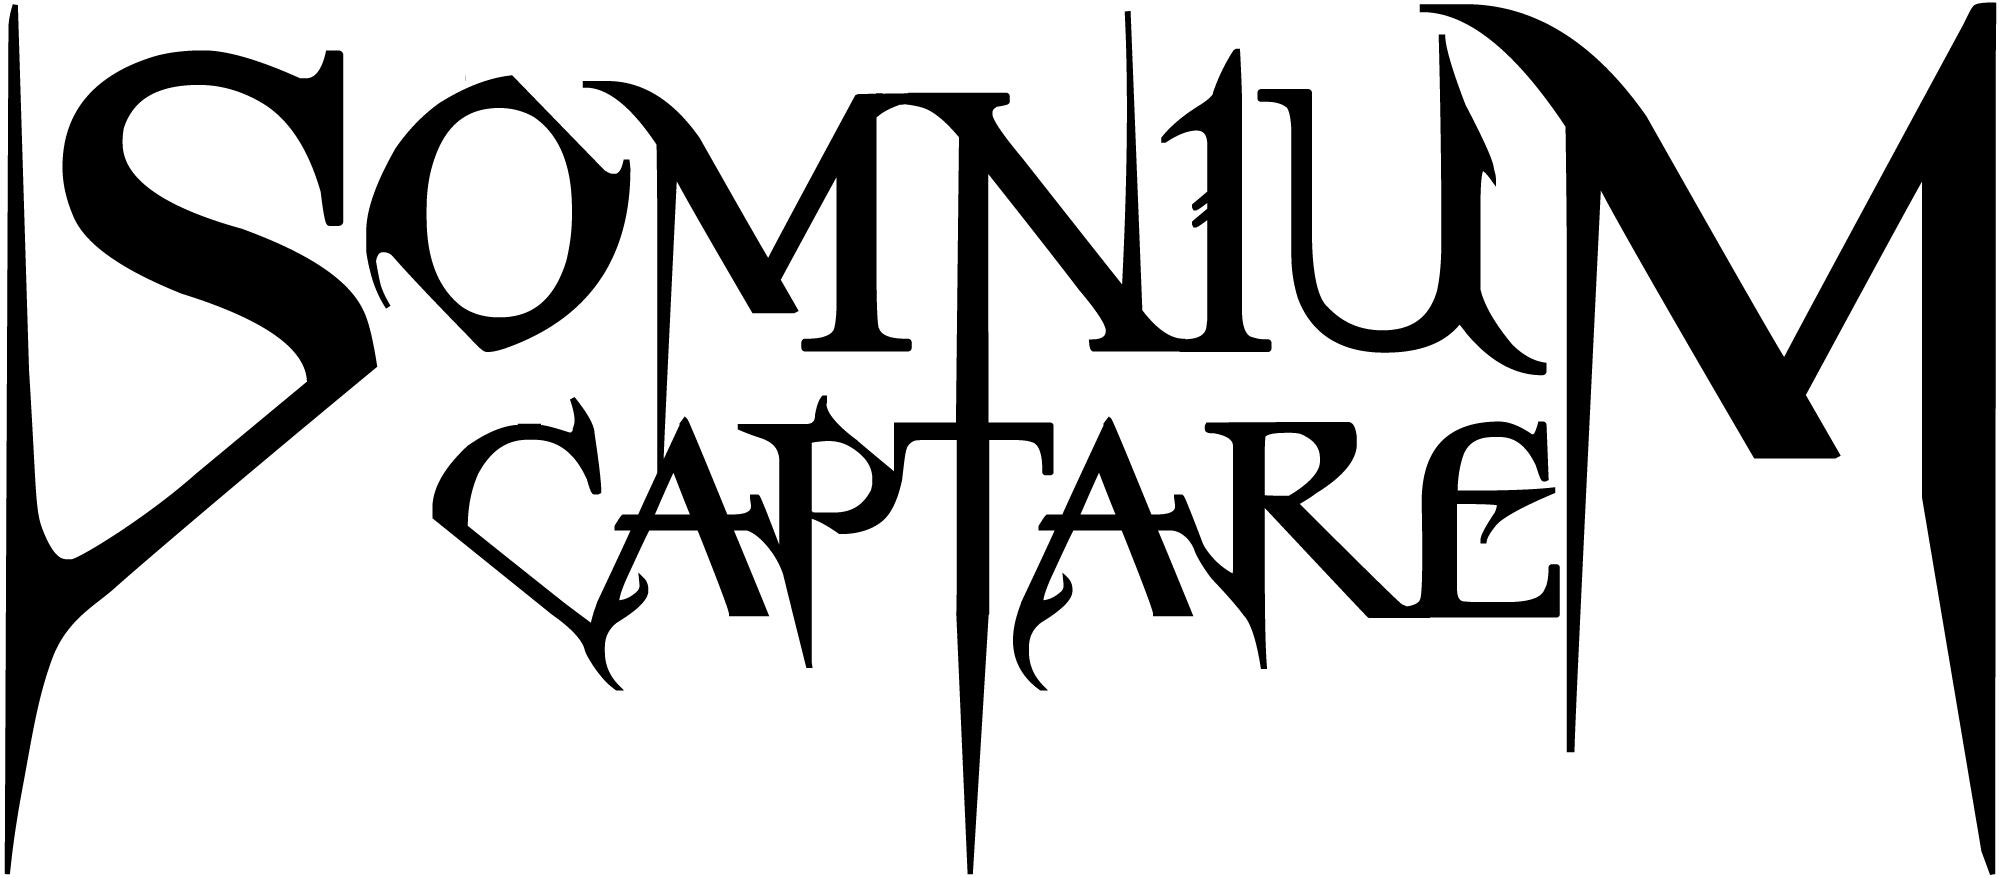 A logo design for a band (Somnium Captare) I got commissioned to do.